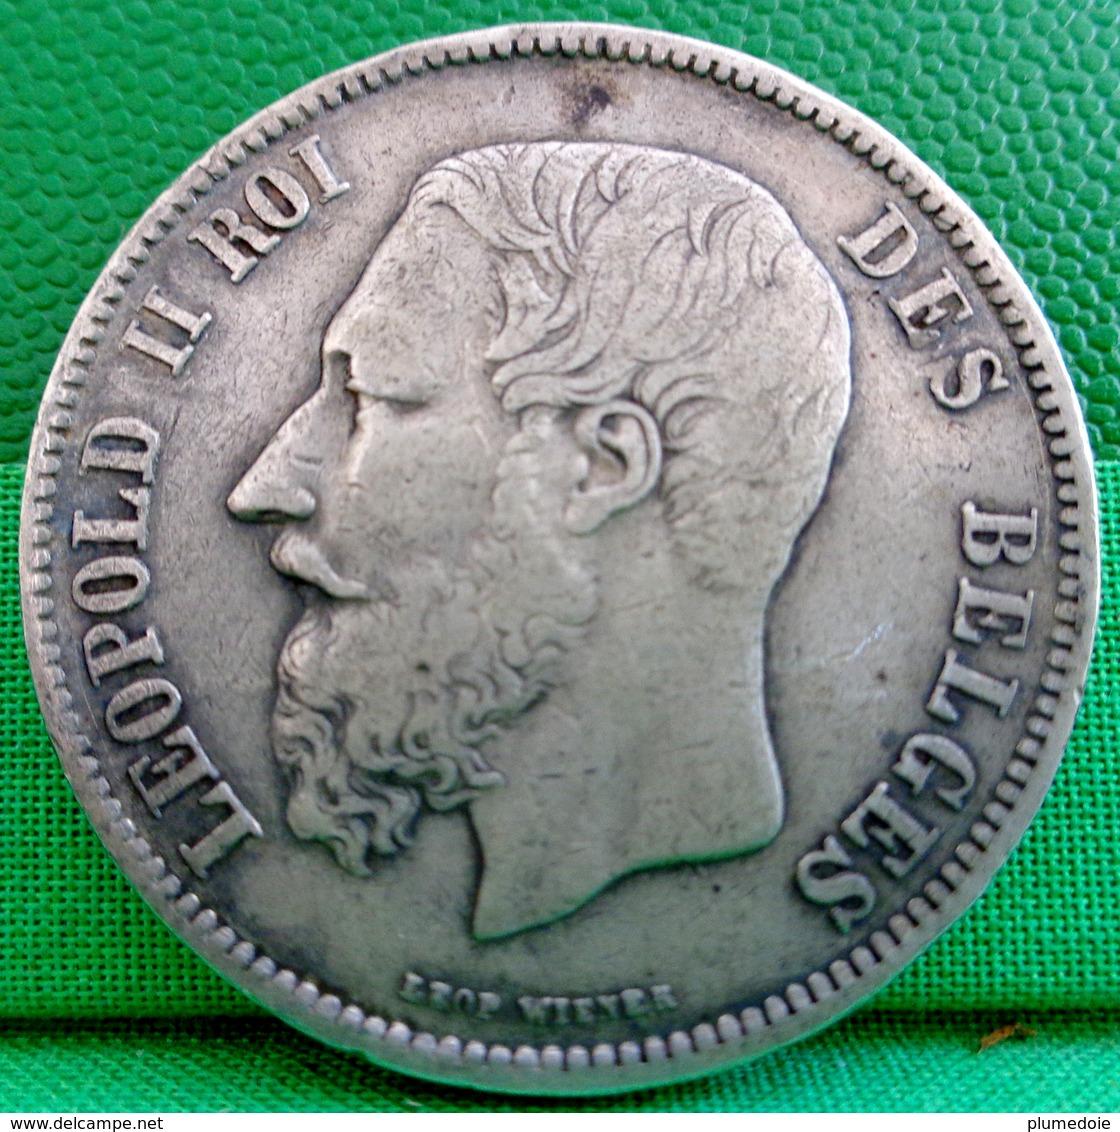 MONNAIE BELGE 5 FR Argent 1868 , LEOPOLD II ROI DES BELGES , Écu Couronné 1868 , BELGIQUE , BELGIUM SILVER COIN - 09. 5 Francs